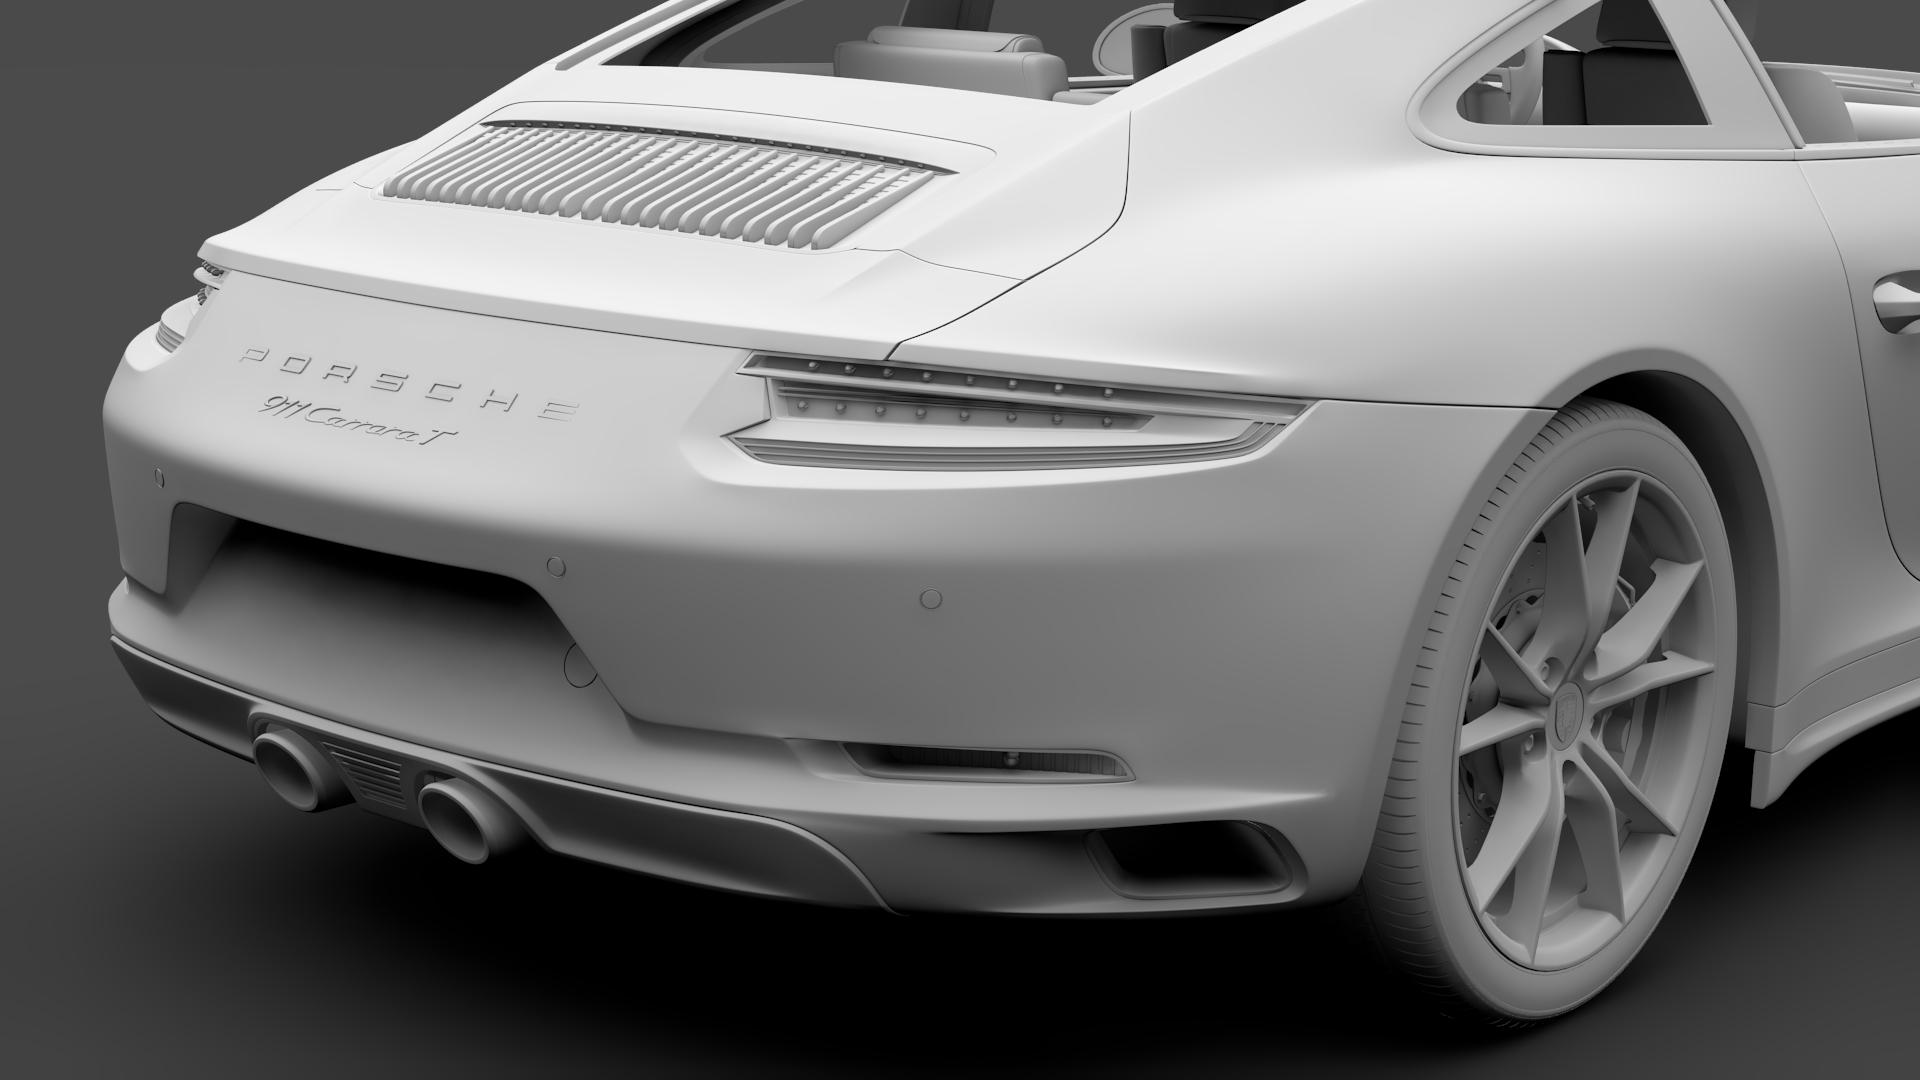 porsche 911 carrera t coupe (991) 2018 3d model max fbx c4d lwo ma mb hrc xsi obj 278977